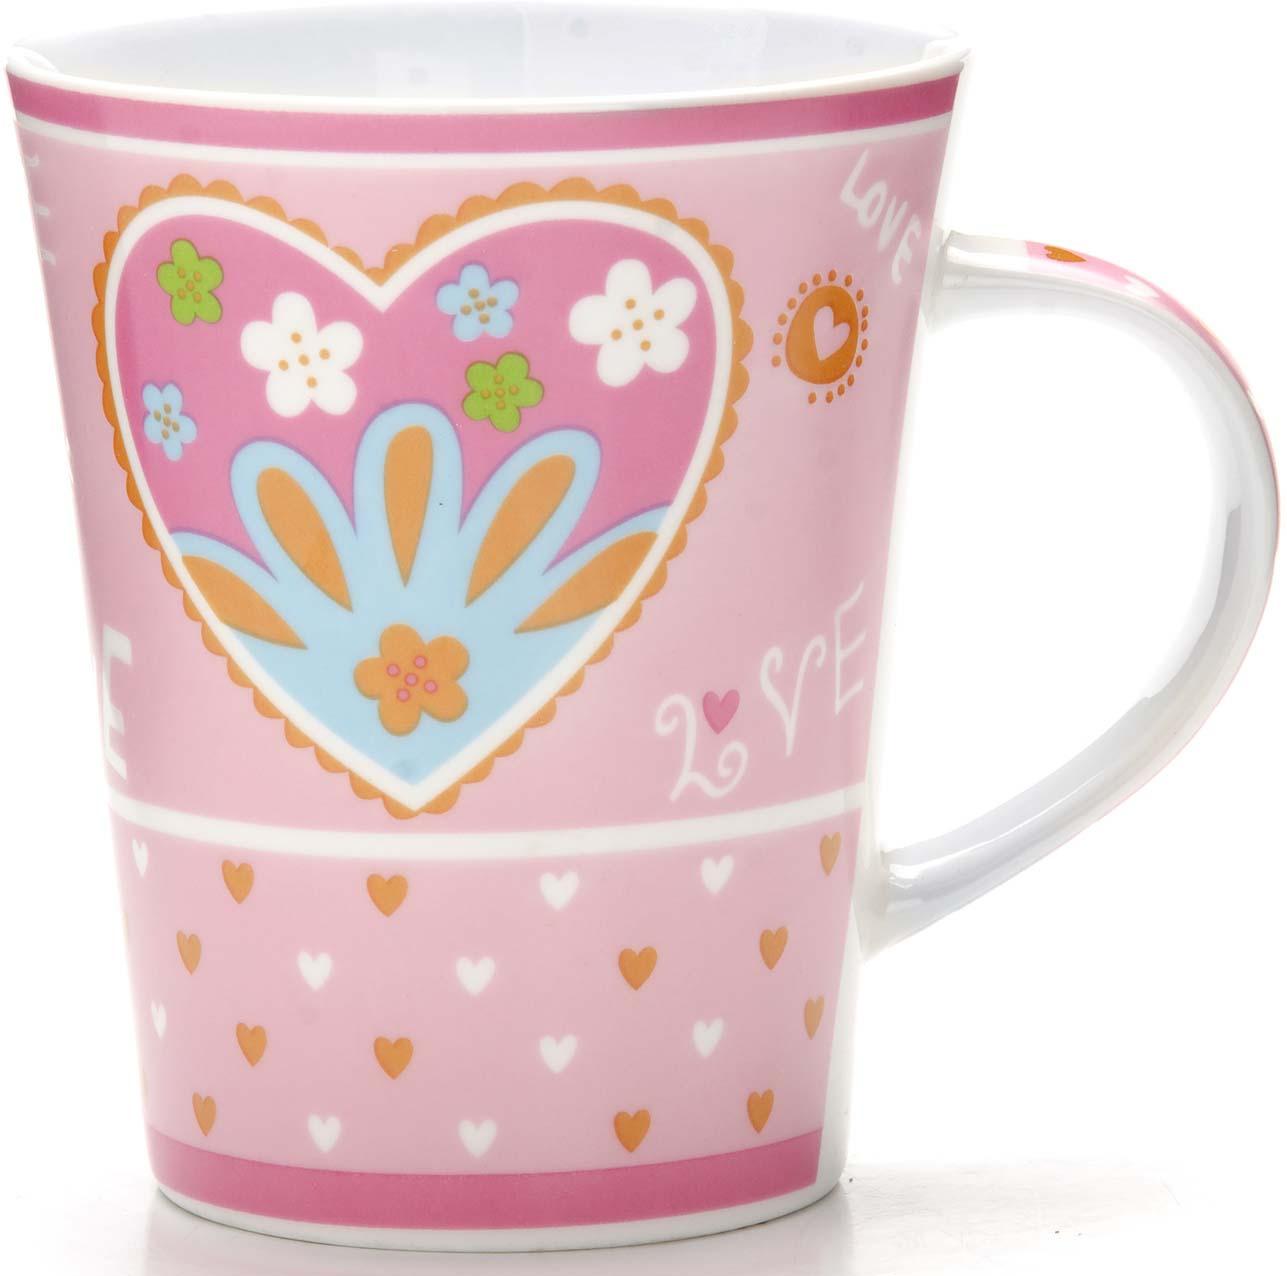 Кружка, выполненная из керамики в оригинальном дизайне, станет красивым и полезным подарком для ваших родных и близких. Керамика - один из самых древних материалов, который использовали наши предки для изготовления посуды. С древних времен и до наших дней, керамическая посуда занимала важное место на кухне многих хозяек. Сегодня керамическая посуда по-прежнему пользуется большой популярностью и это не удивительно, ведь керамика - экологически чистый материал, который не наносит вреда здоровью, а кроме того керамическая посуда отличается большим разнообразие, поэтому каждый может выбрать изделие по своему вкусу. Кружка украшена ярким рисунком и имеет удобную ручку. В подарочной упаковке. Кружка Loraine - идеальный подарок для ваших близких и ваших друзей. Подходит для мытья в посудомоечной машине.